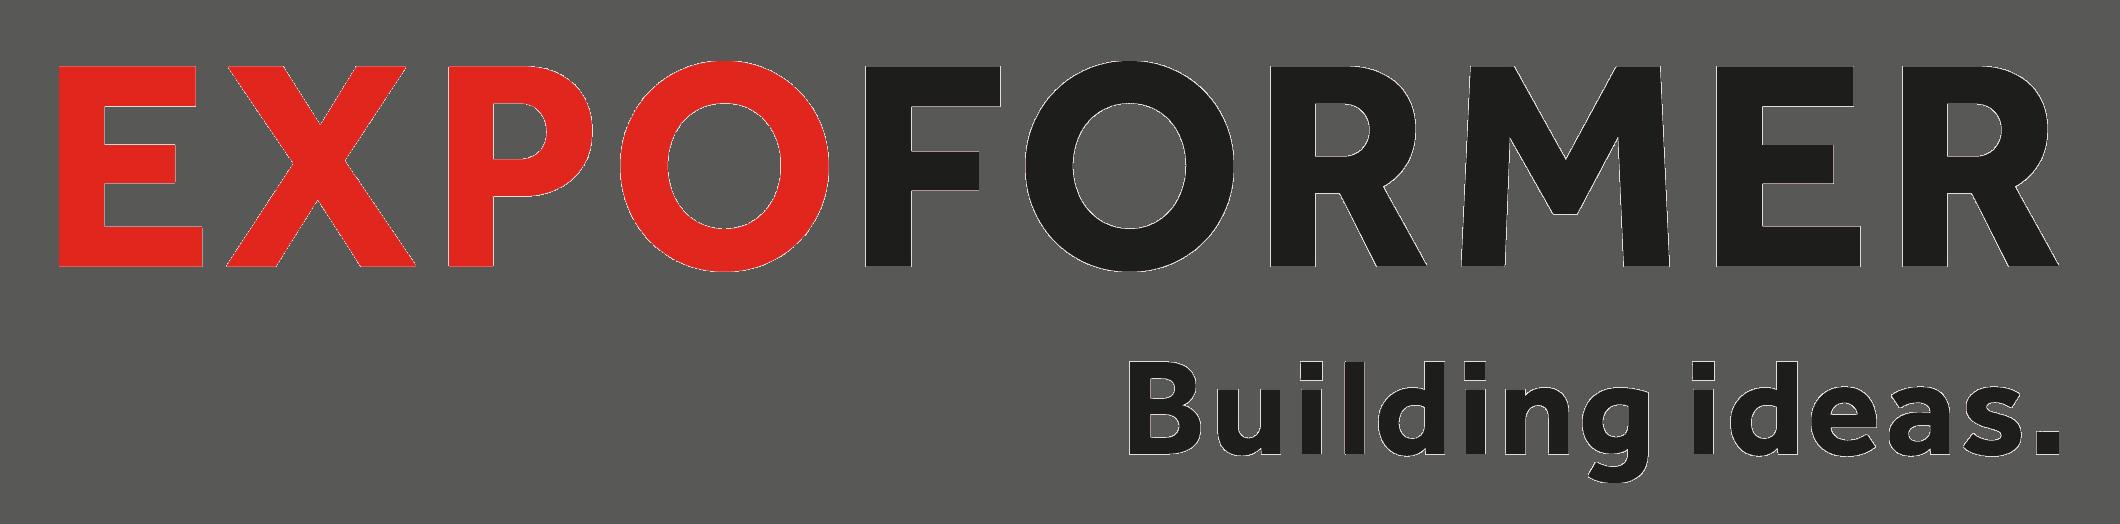 EXPOFORMER_Logo_2015